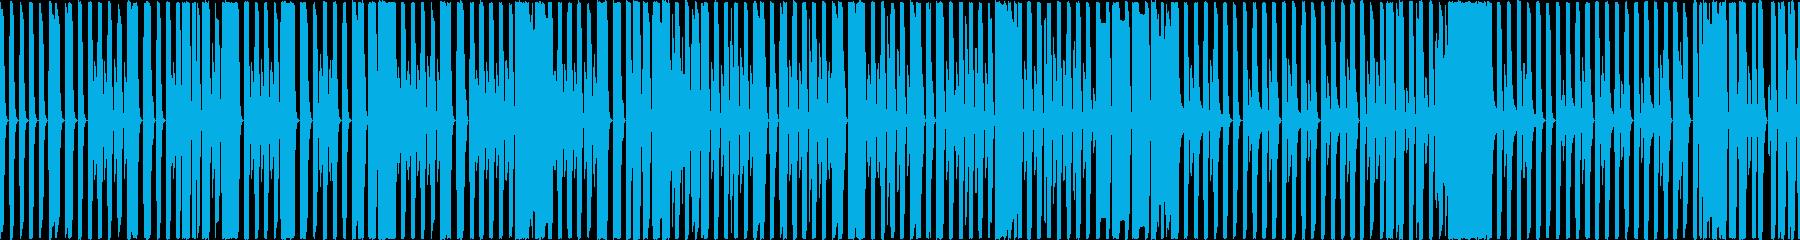 ループできる軽快なレトロチップチューンの再生済みの波形